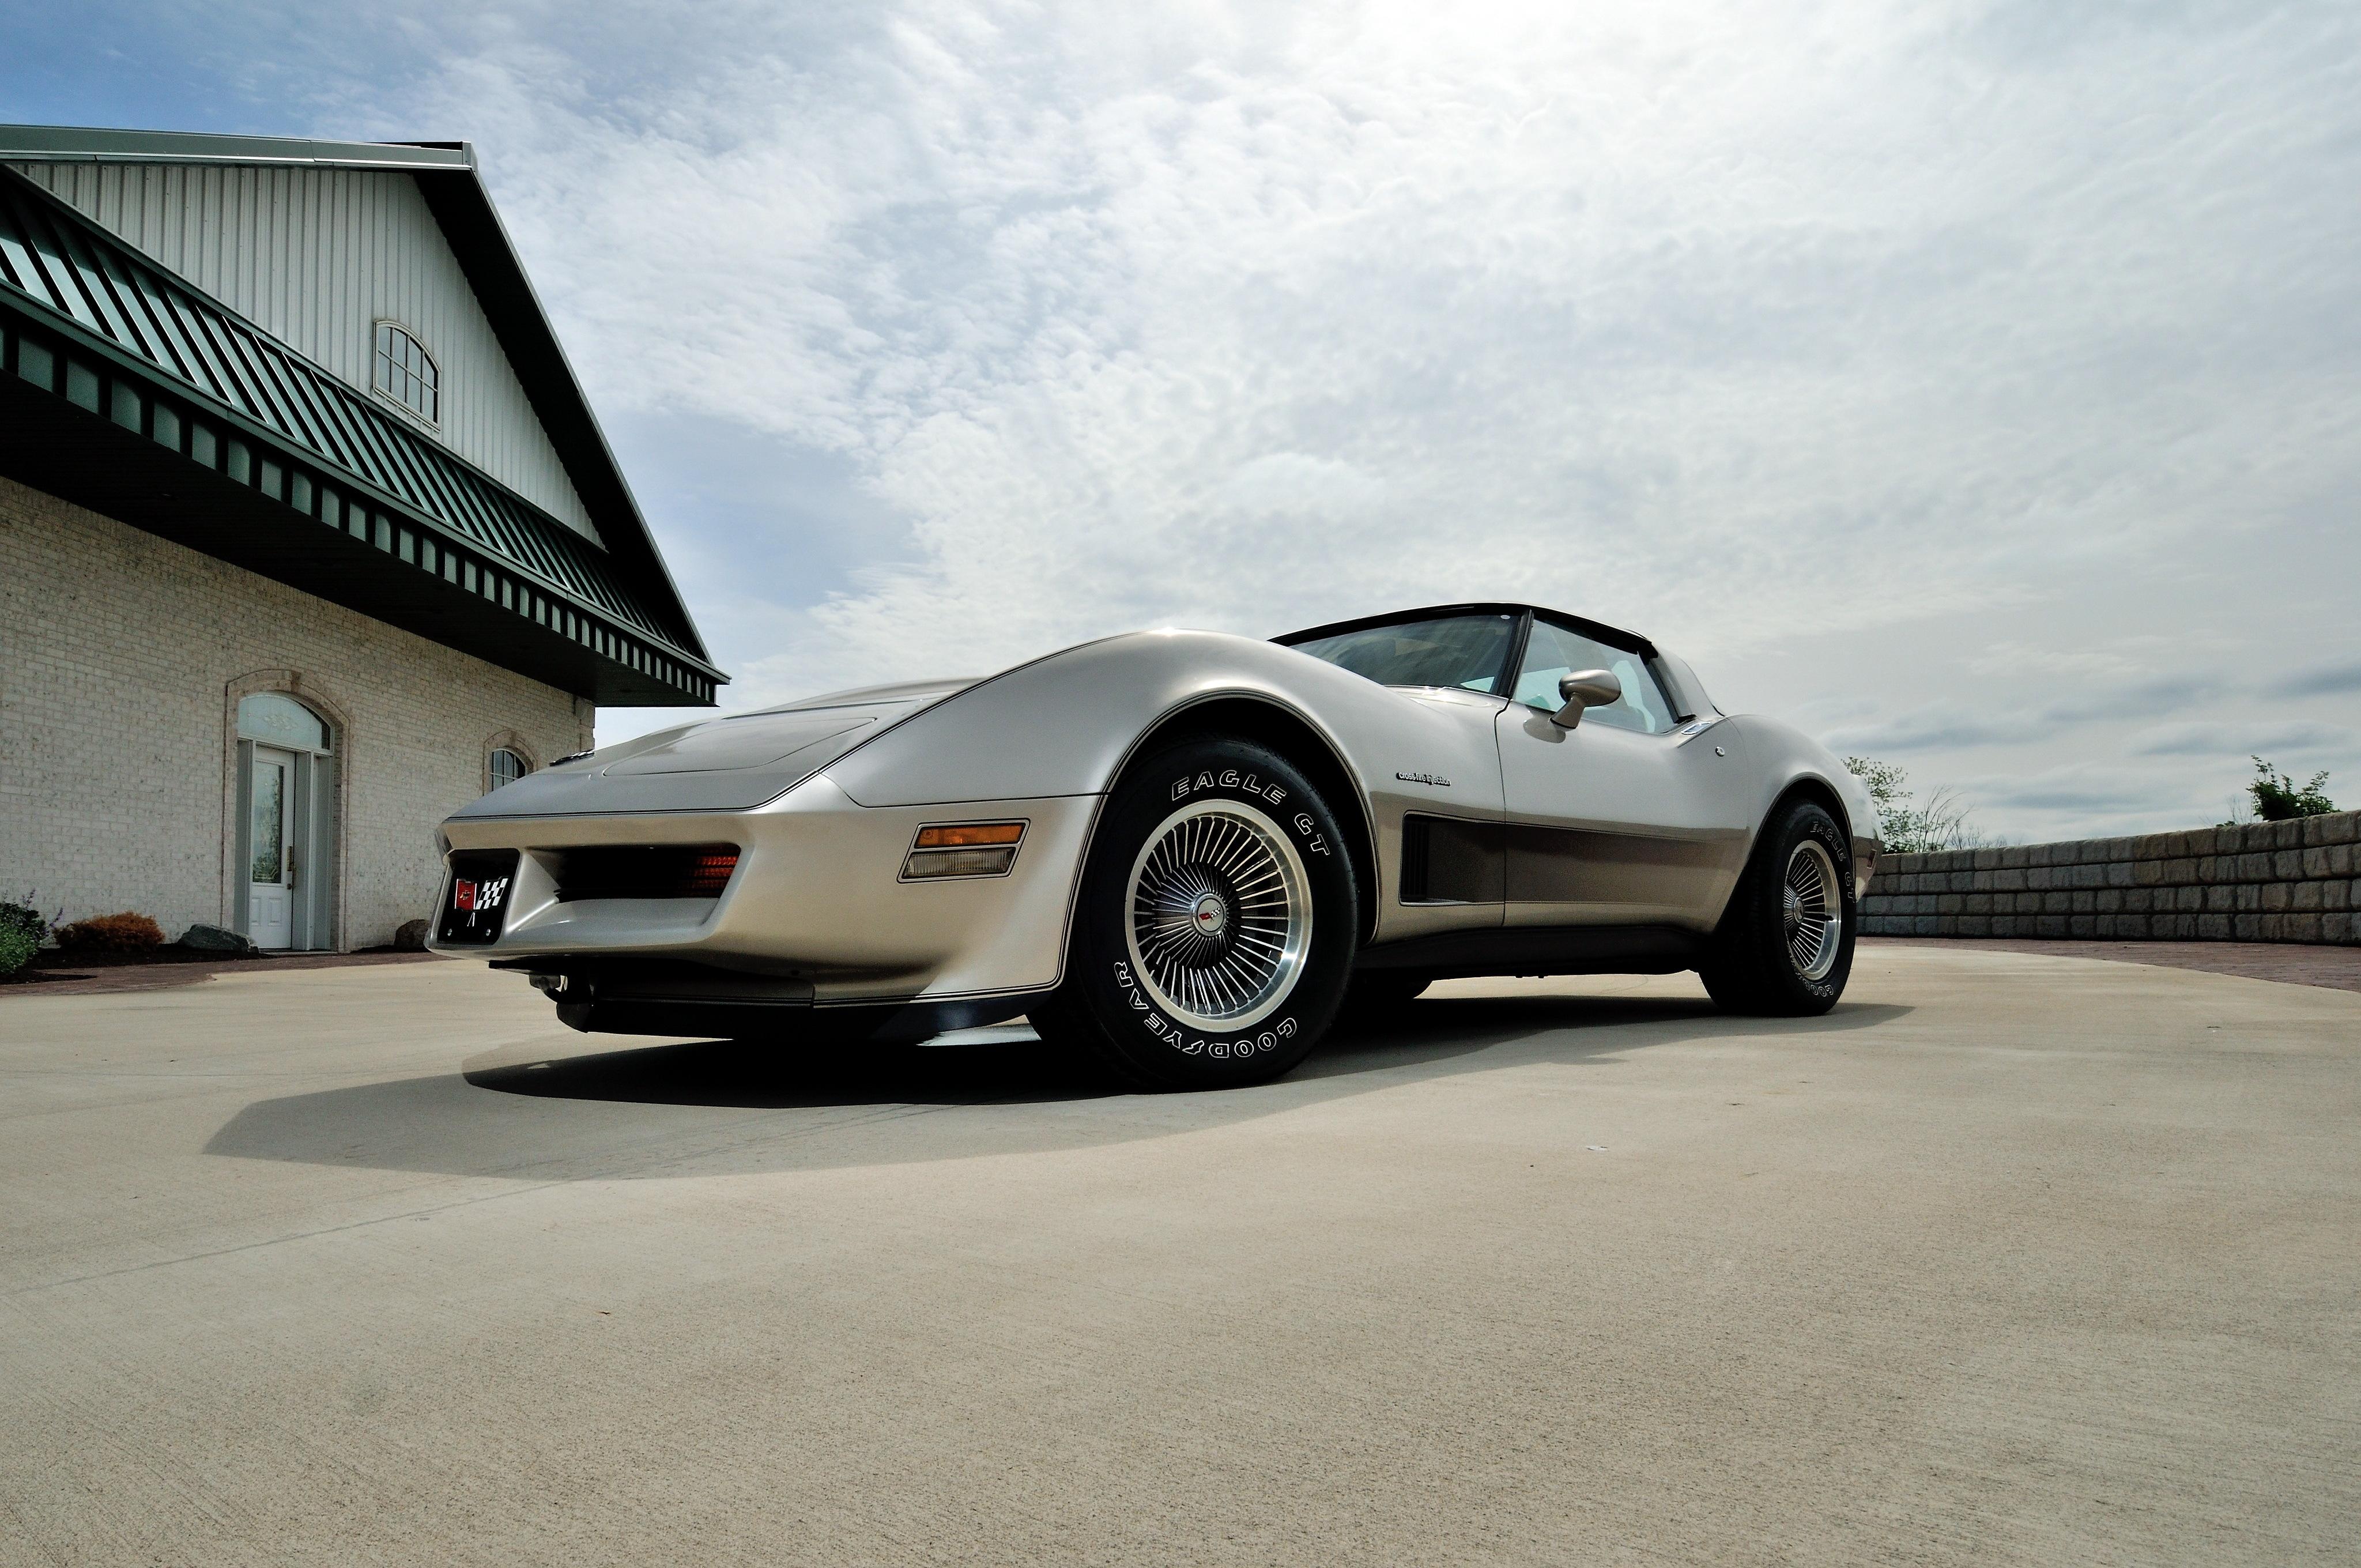 152640 скачать обои Шевроле (Chevrolet), Тачки (Cars), Вид Сбоку, Corvette, Серебристый, 1982 - заставки и картинки бесплатно